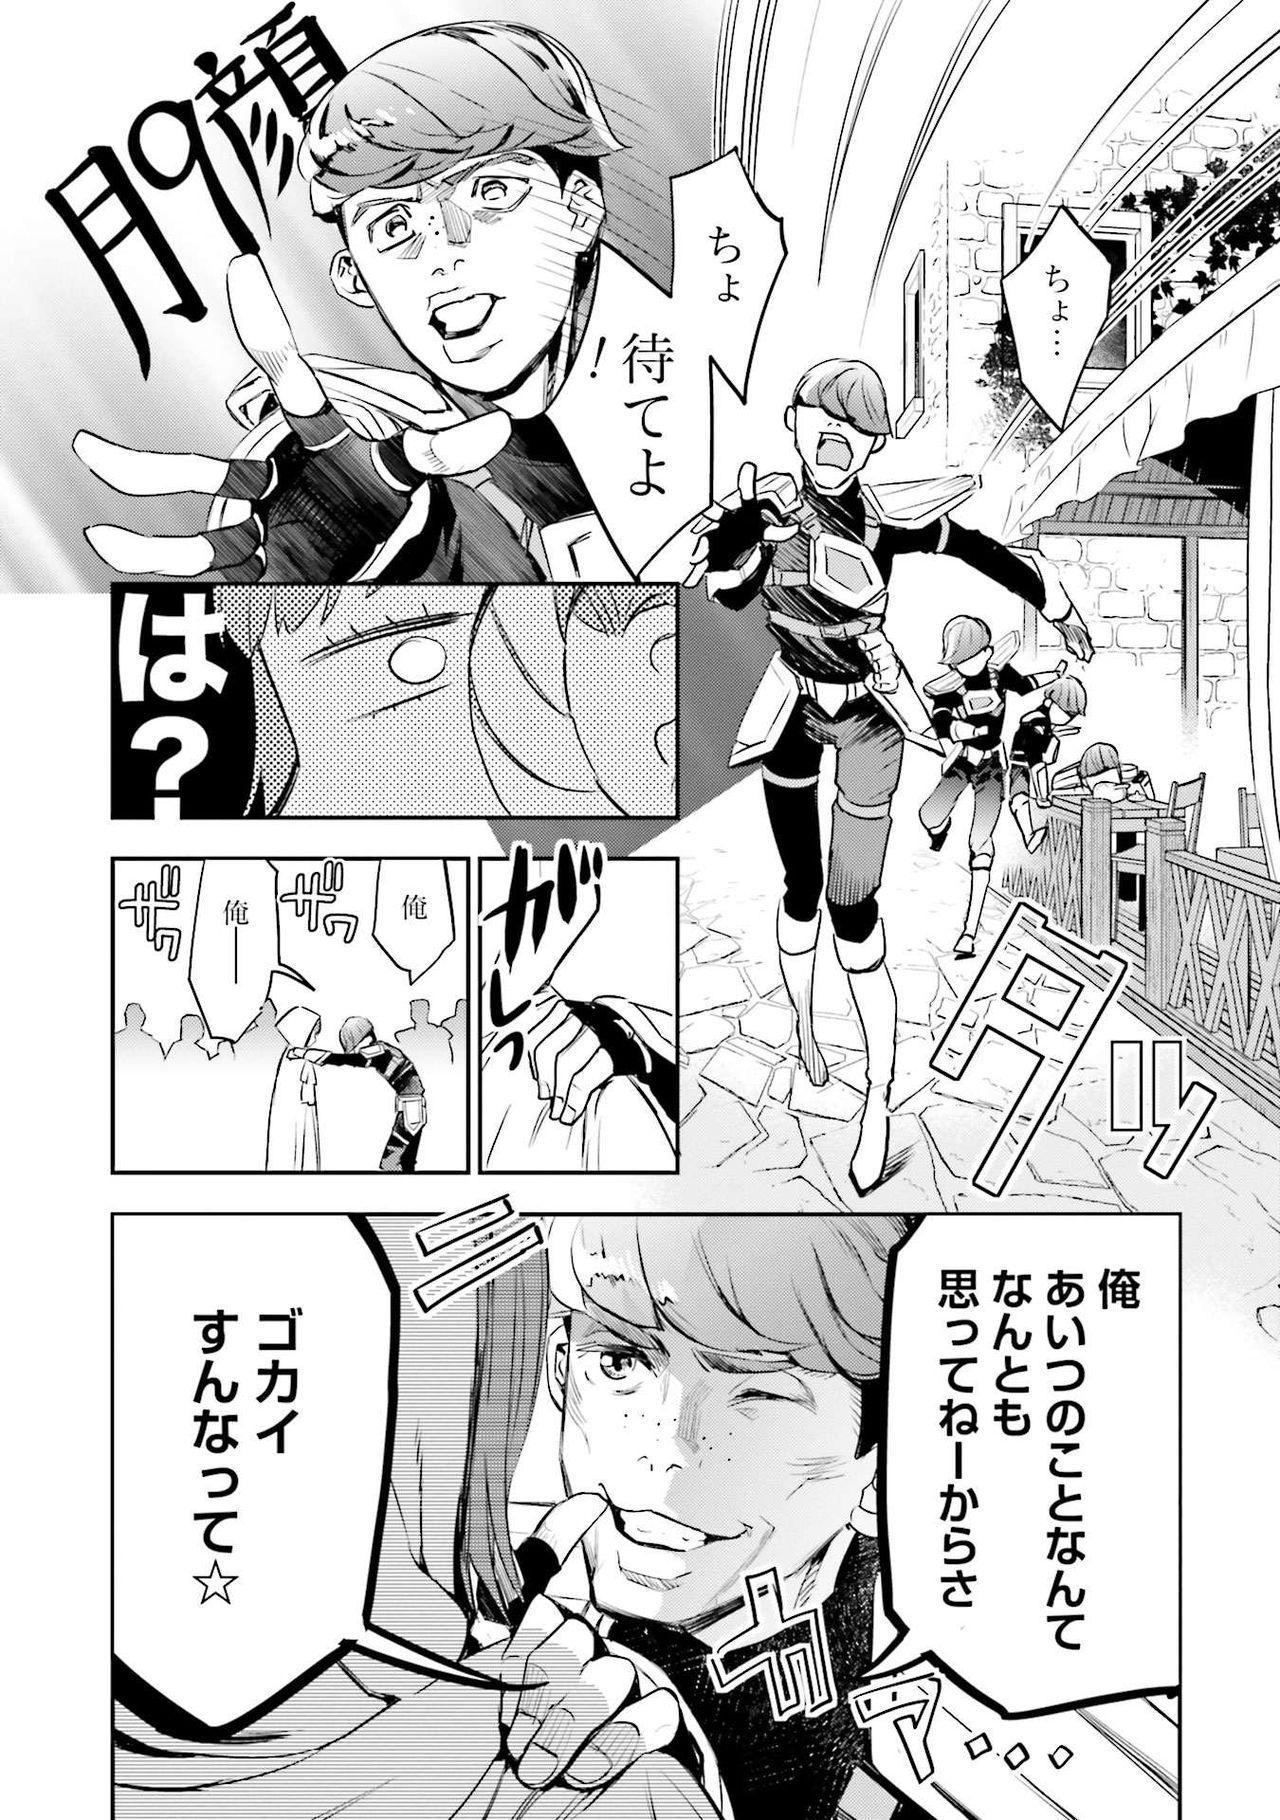 JK Haru wa Isekai de Shoufu ni Natta 1-14 150